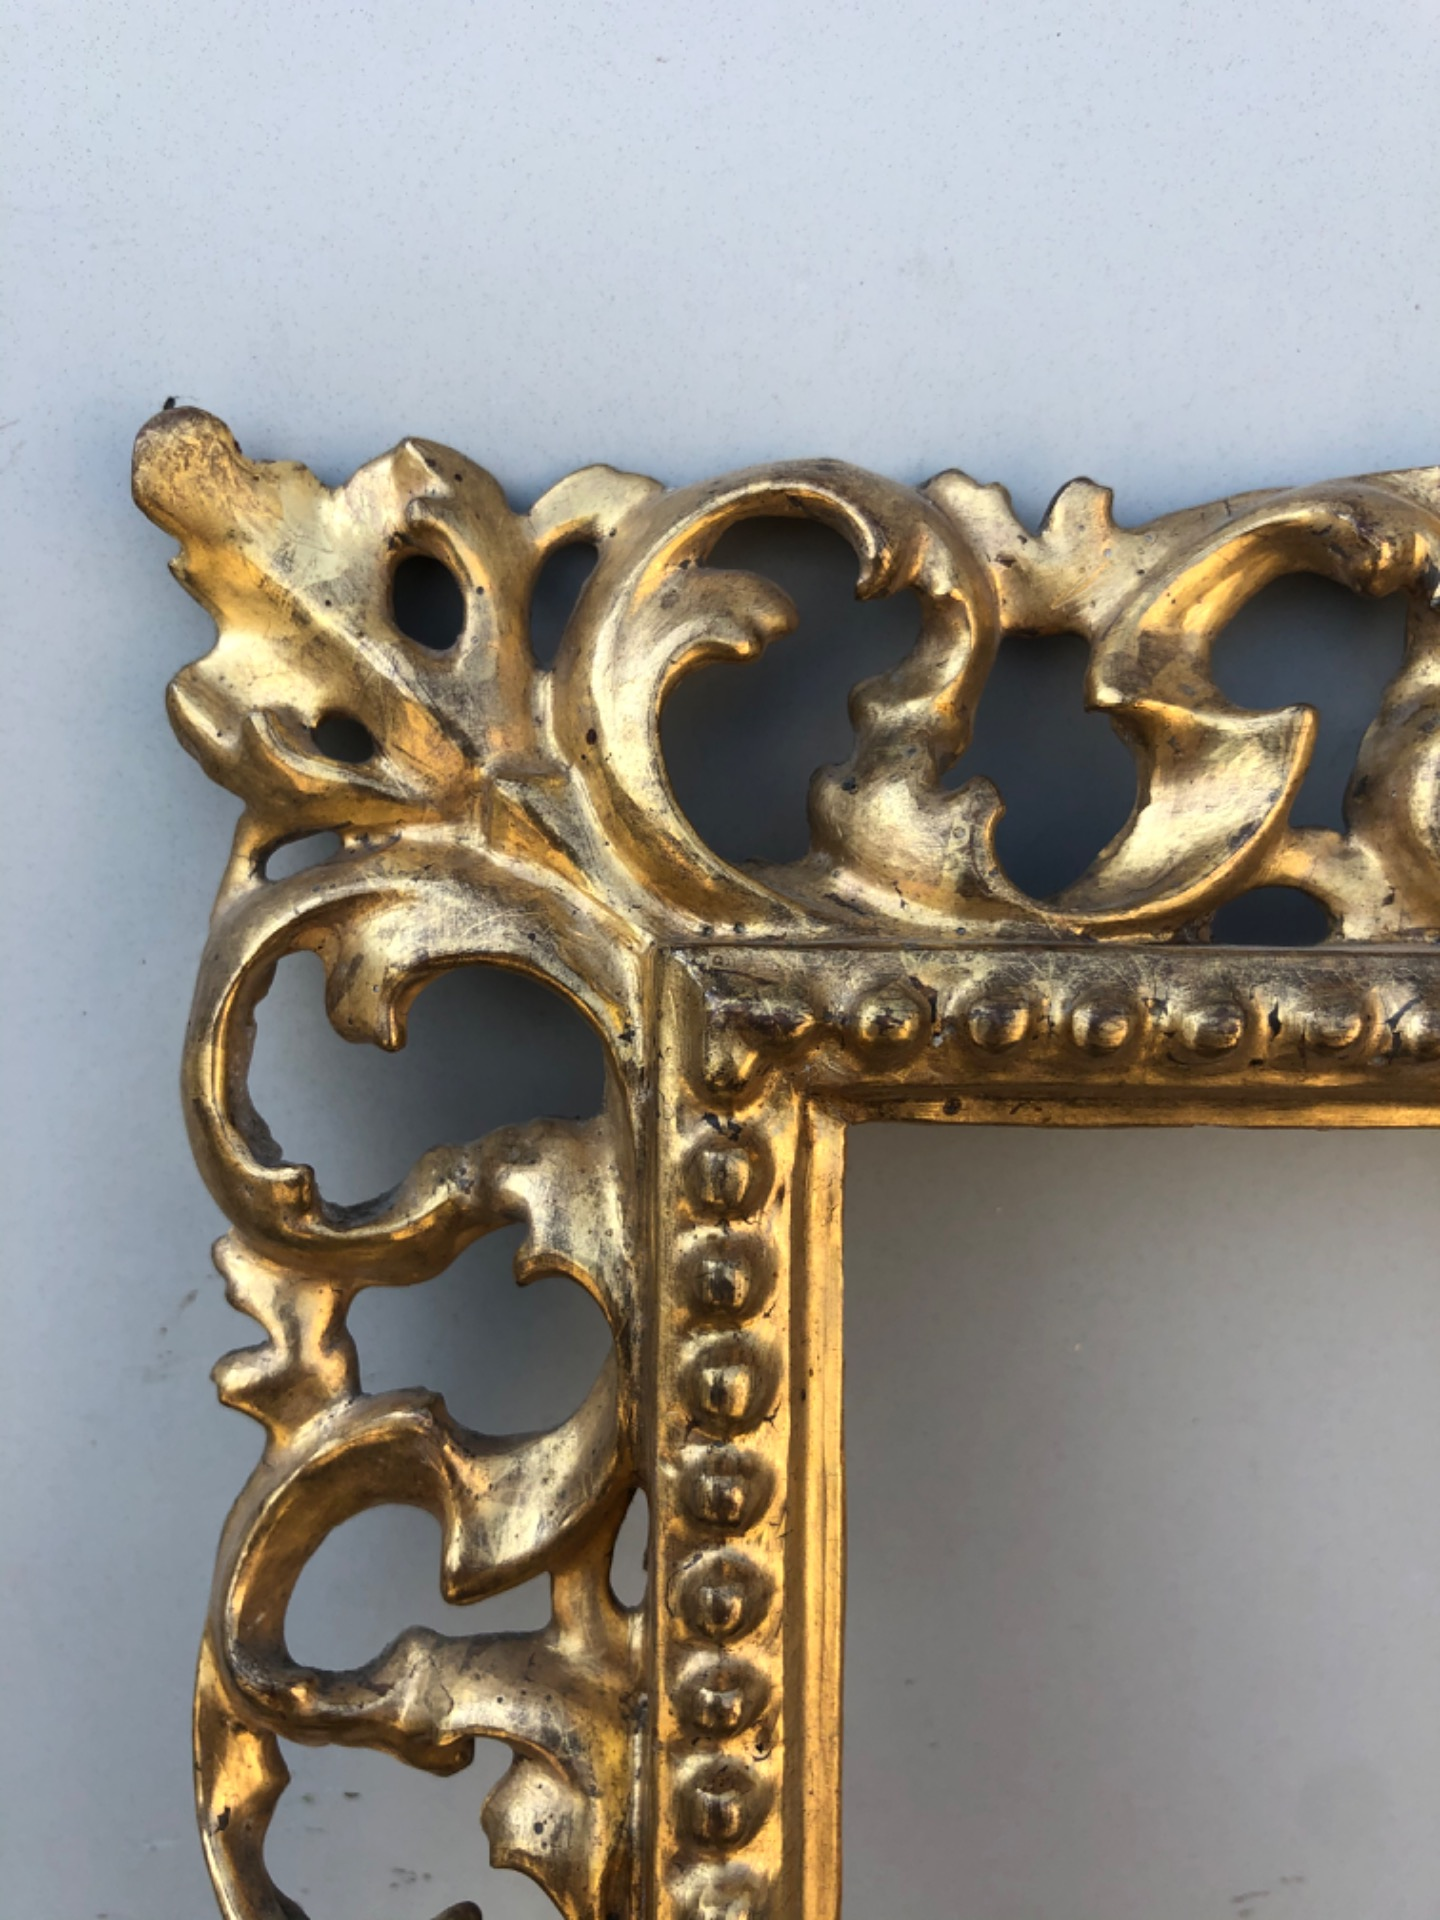 thumb2 Cornice a cartoccio in legno intagliato,traforato e foglia oro.Firenze.